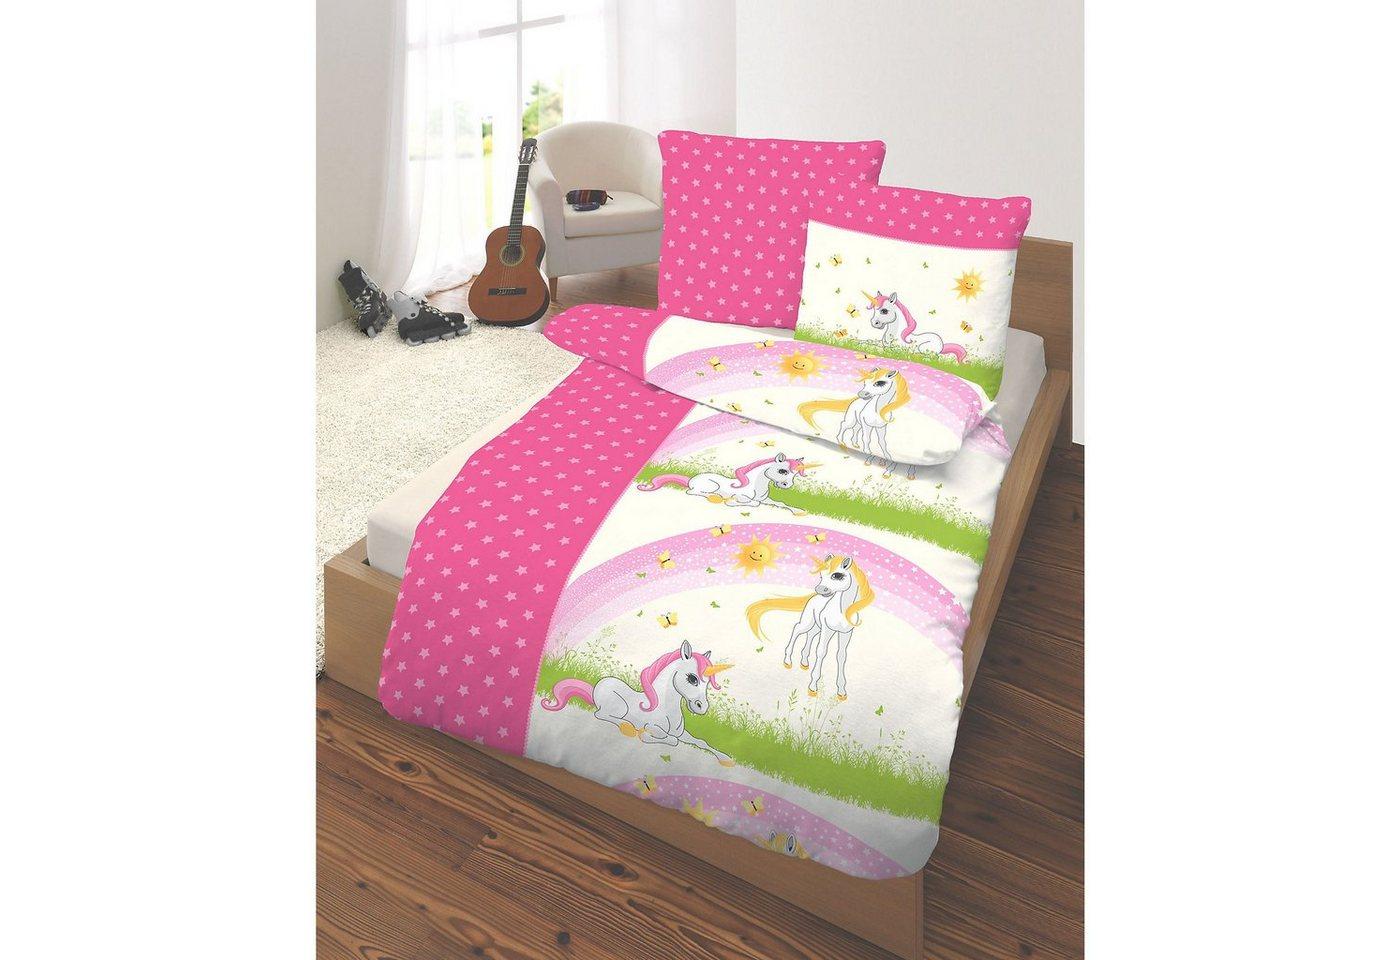 Kinderbettwäsche Einhorn, Renforcé, 135 x 200 cm | Kinderzimmer > Textilien für Kinder > Kinderbettwäsche | Rosa | OTTO